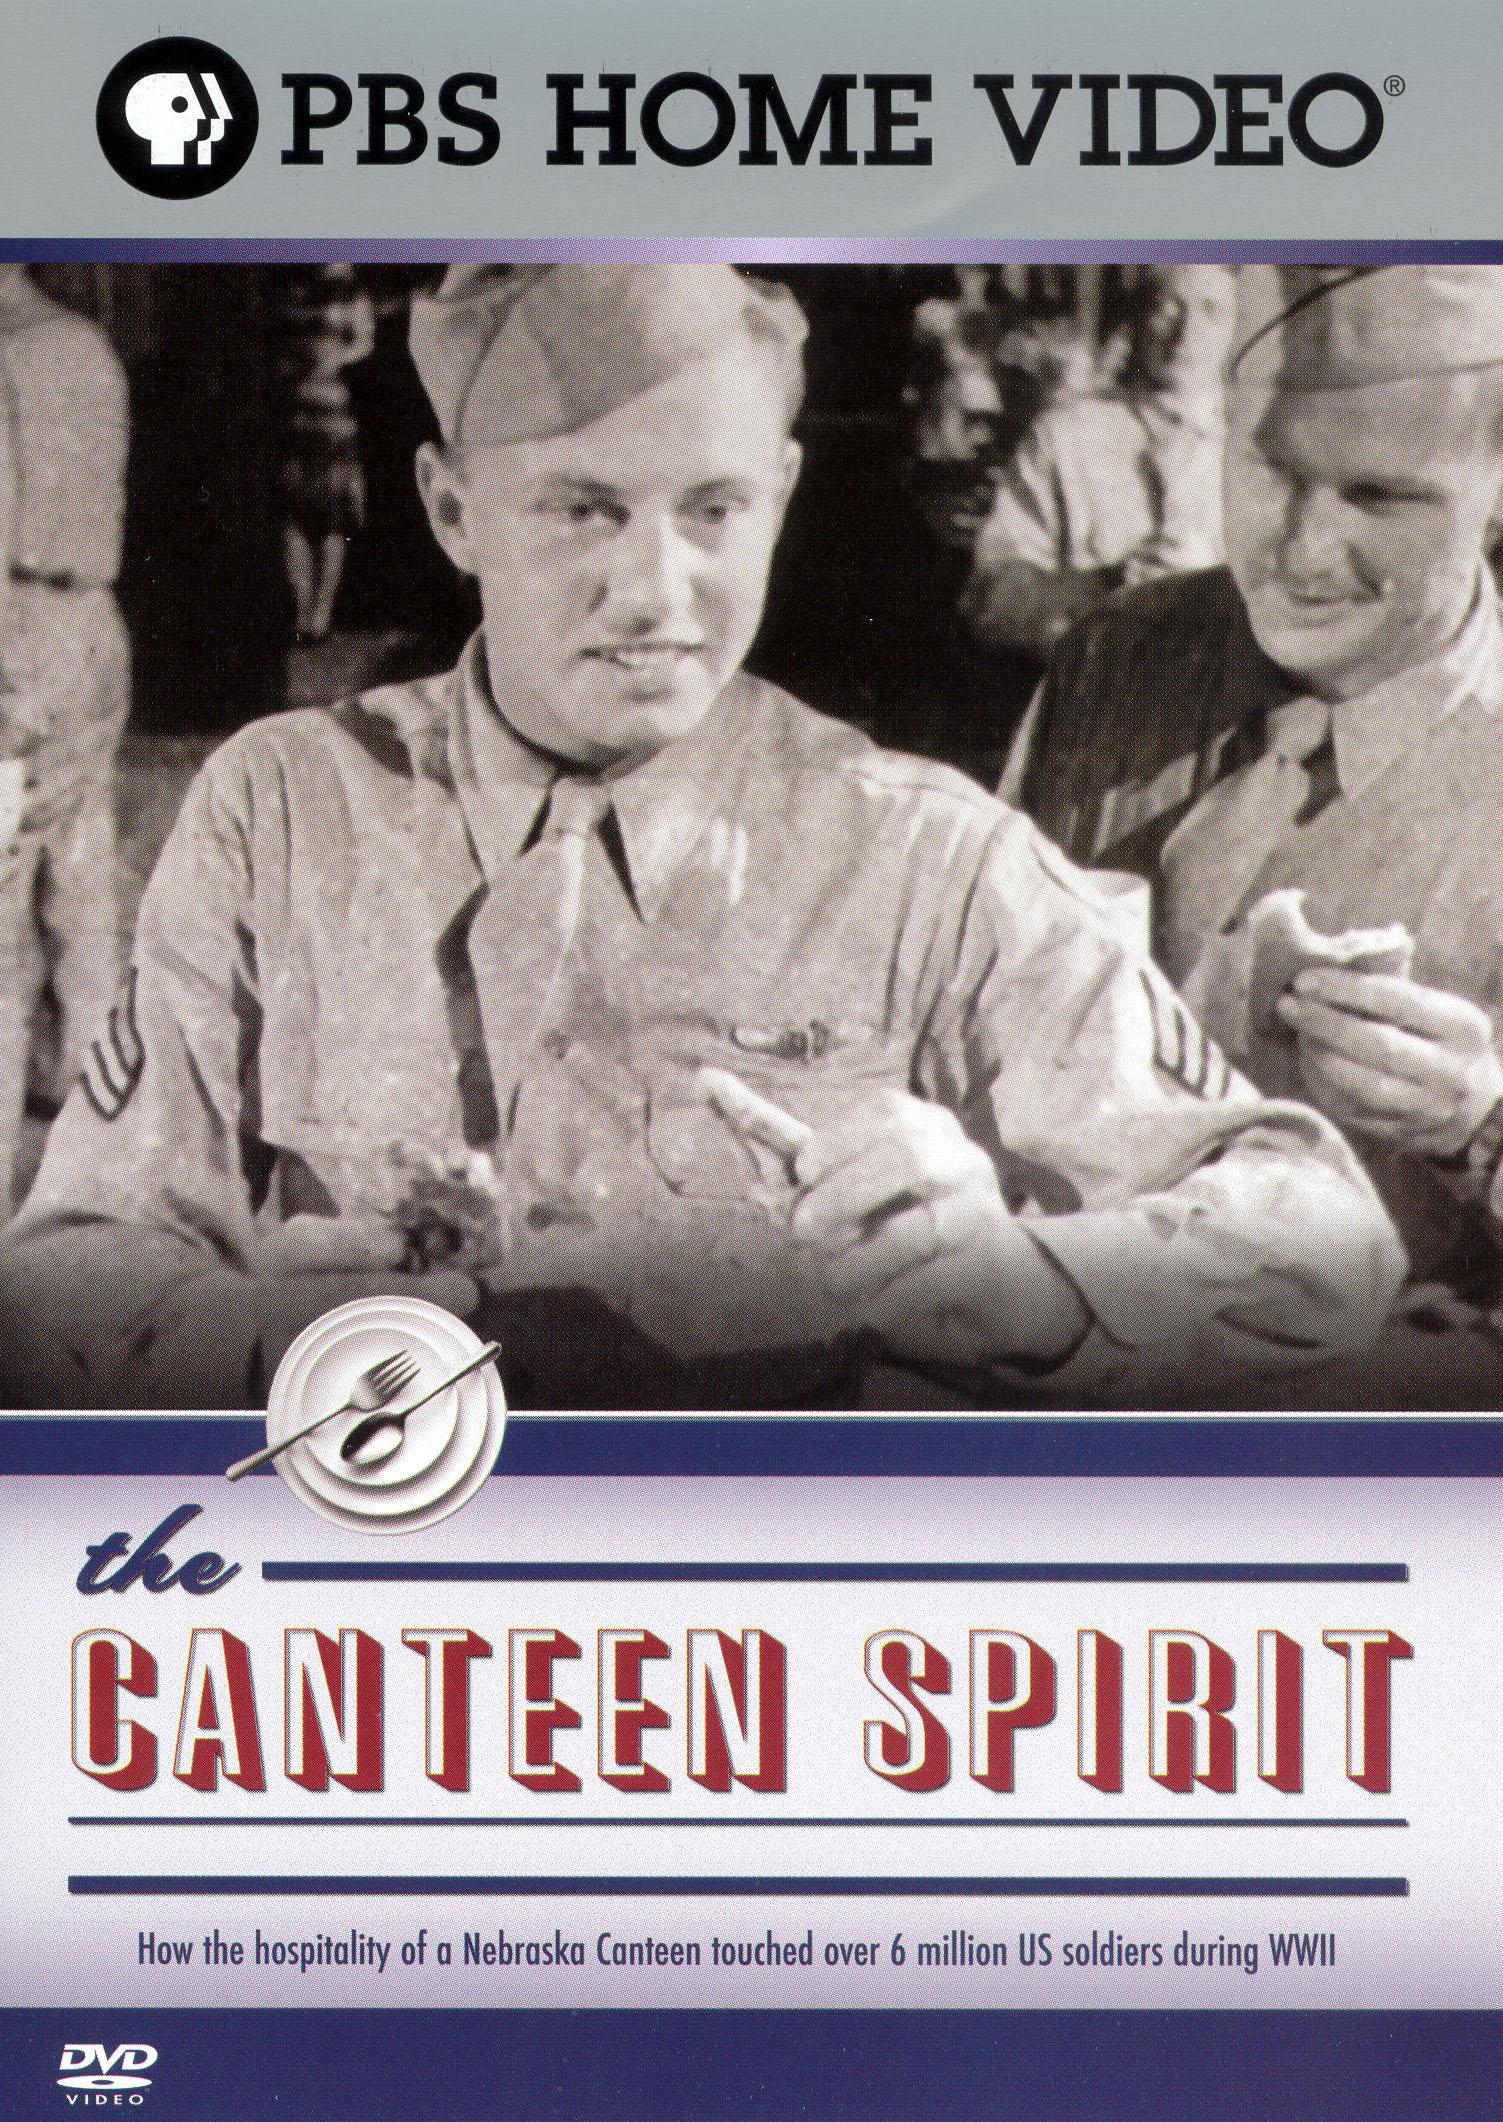 Canteen Spirit